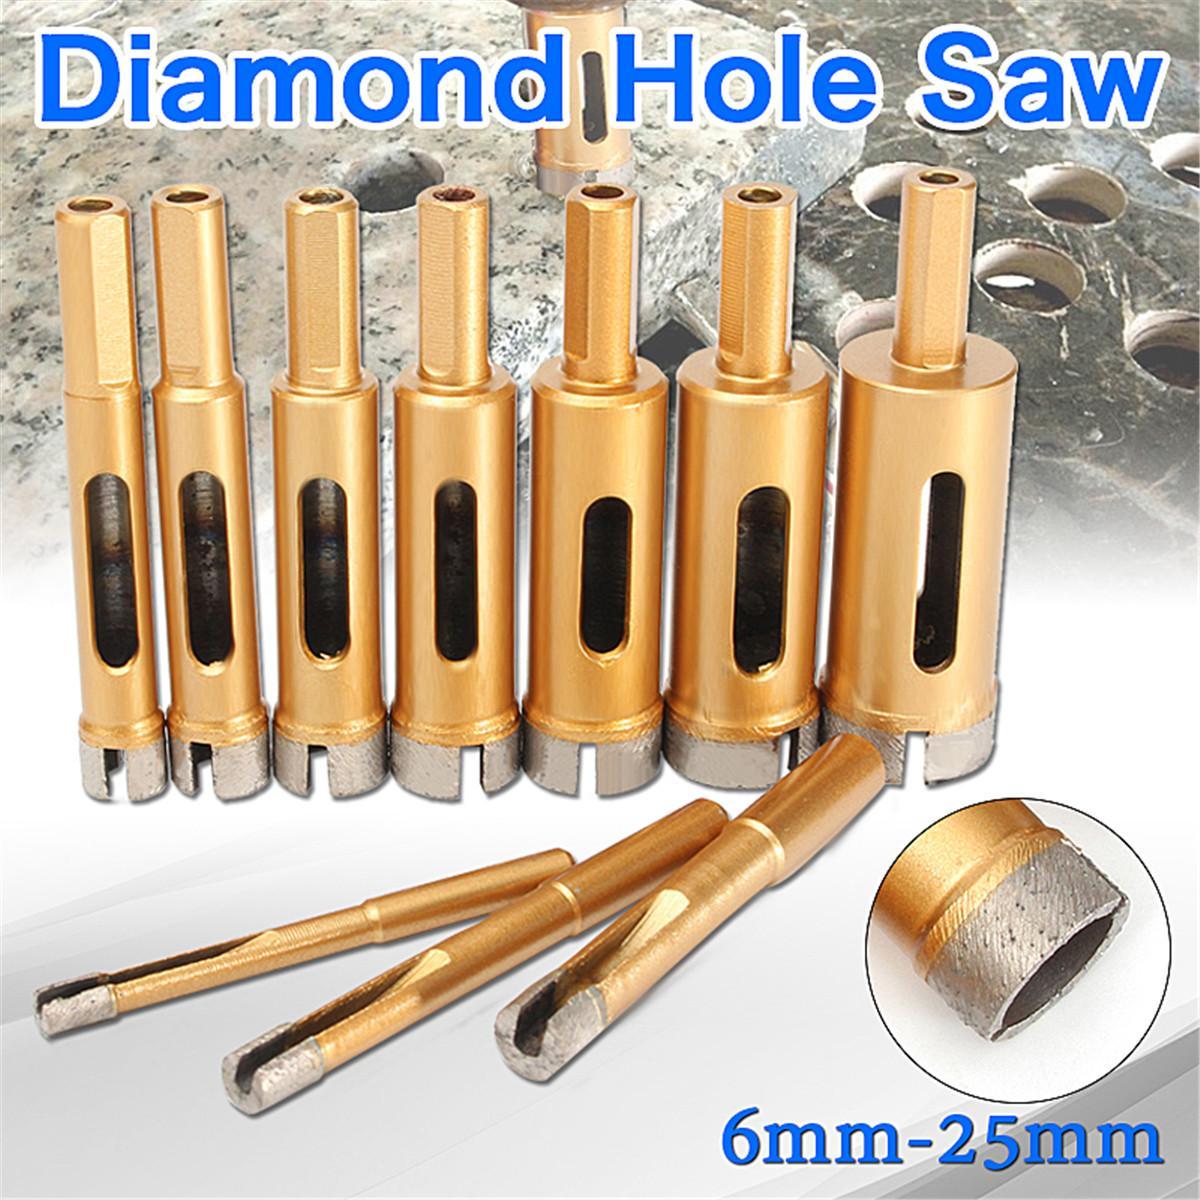 1 Uds 6/8/10/12/14/16/18/20/22/25mm diamante broca agujero vi de azulejos de vidrio 1 Uds mármol de vidrio agujero cortador de brocas